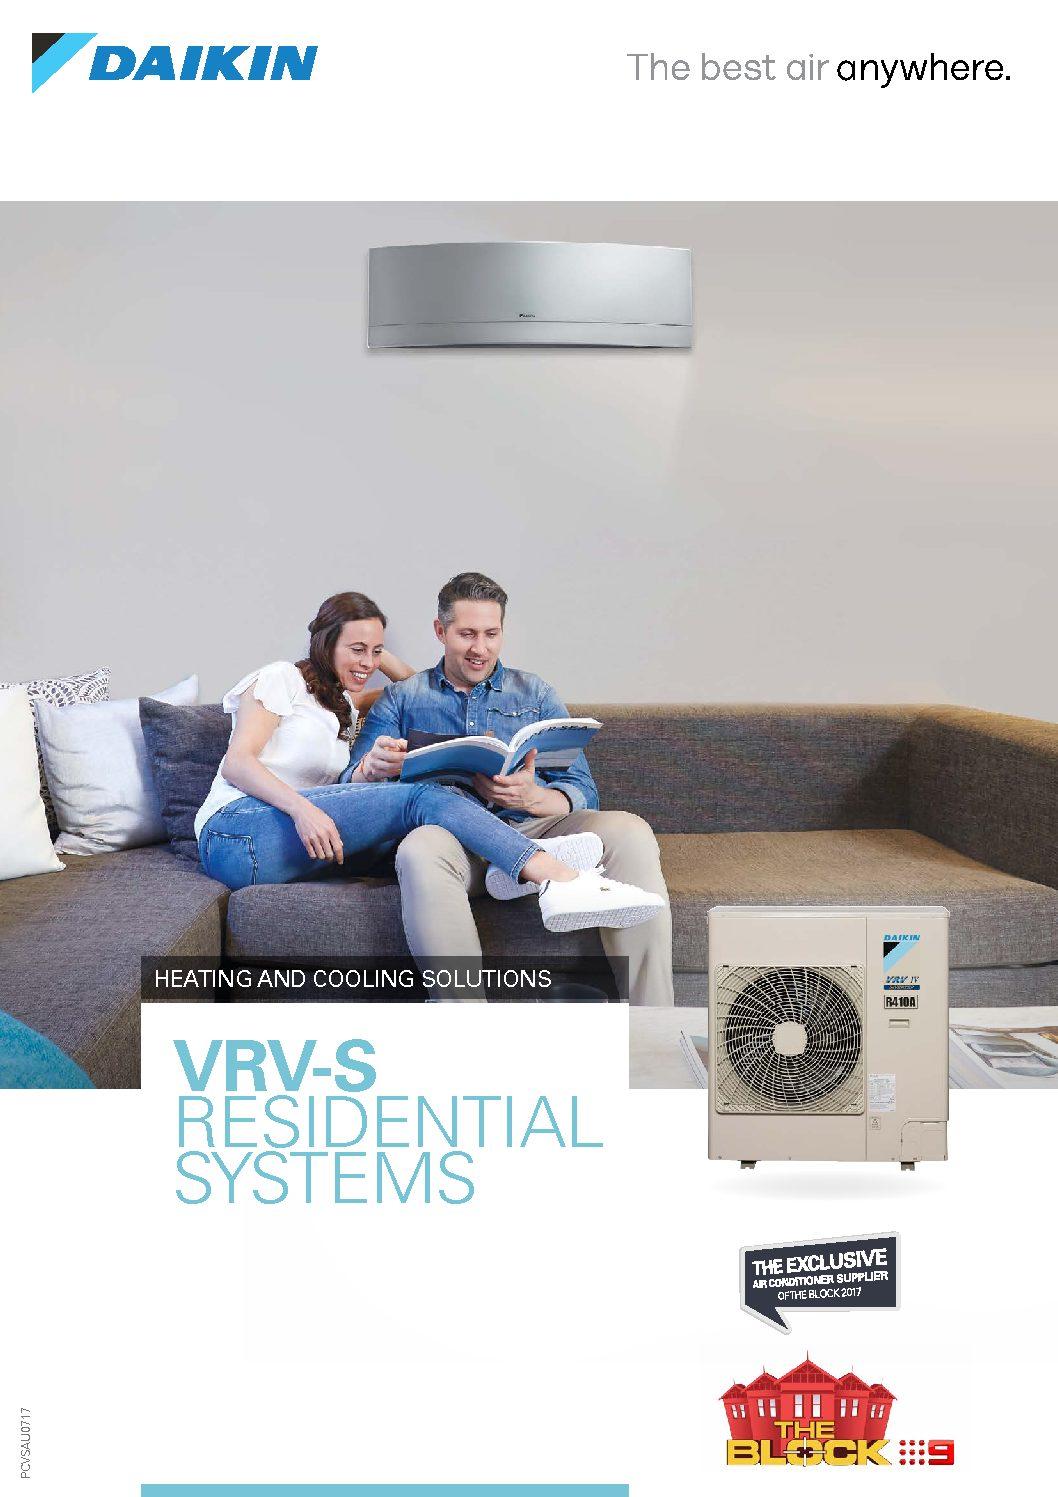 Daikin VRV Residential